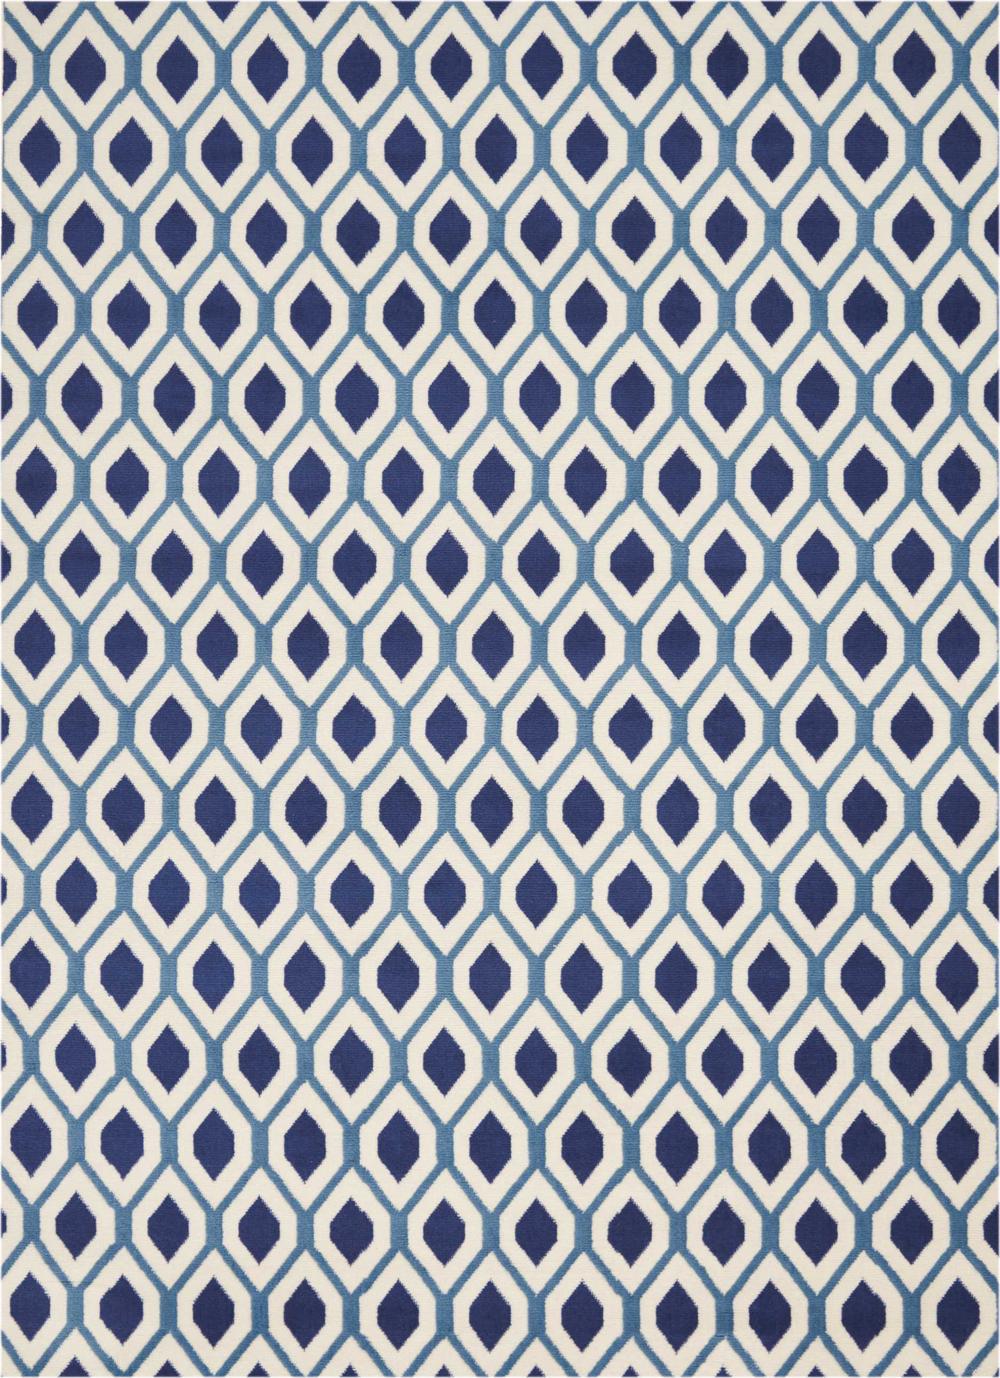 Nourison GRAFIX GRF22 WHITE/NAVY Rug